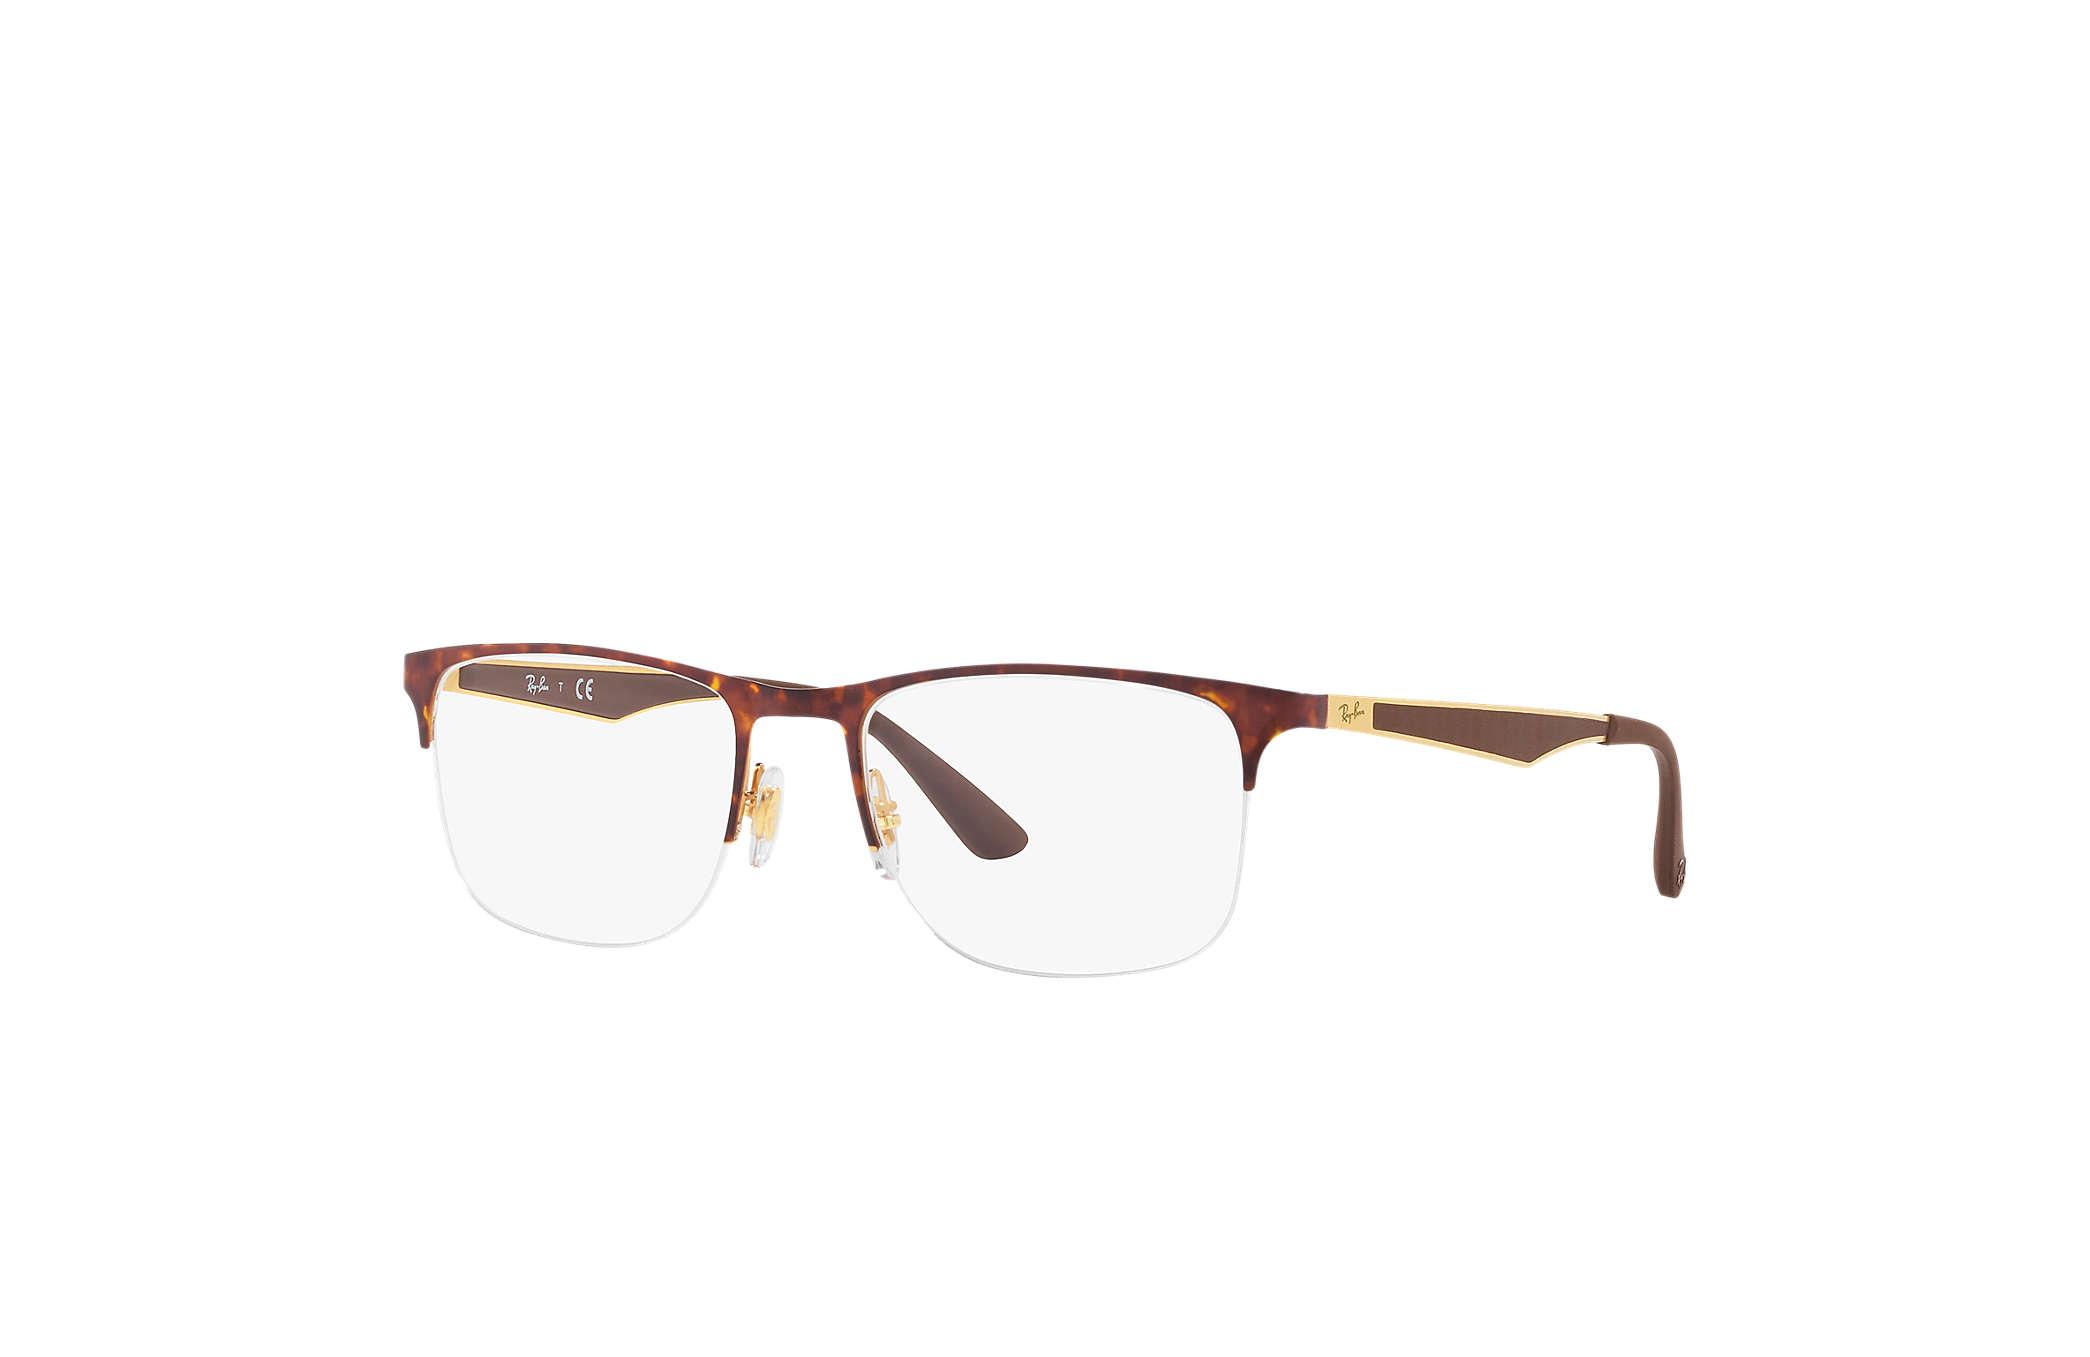 3899de7997f Ray-Ban eyeglasses RB6362 Tortoise - Metal - 0RX6362291755